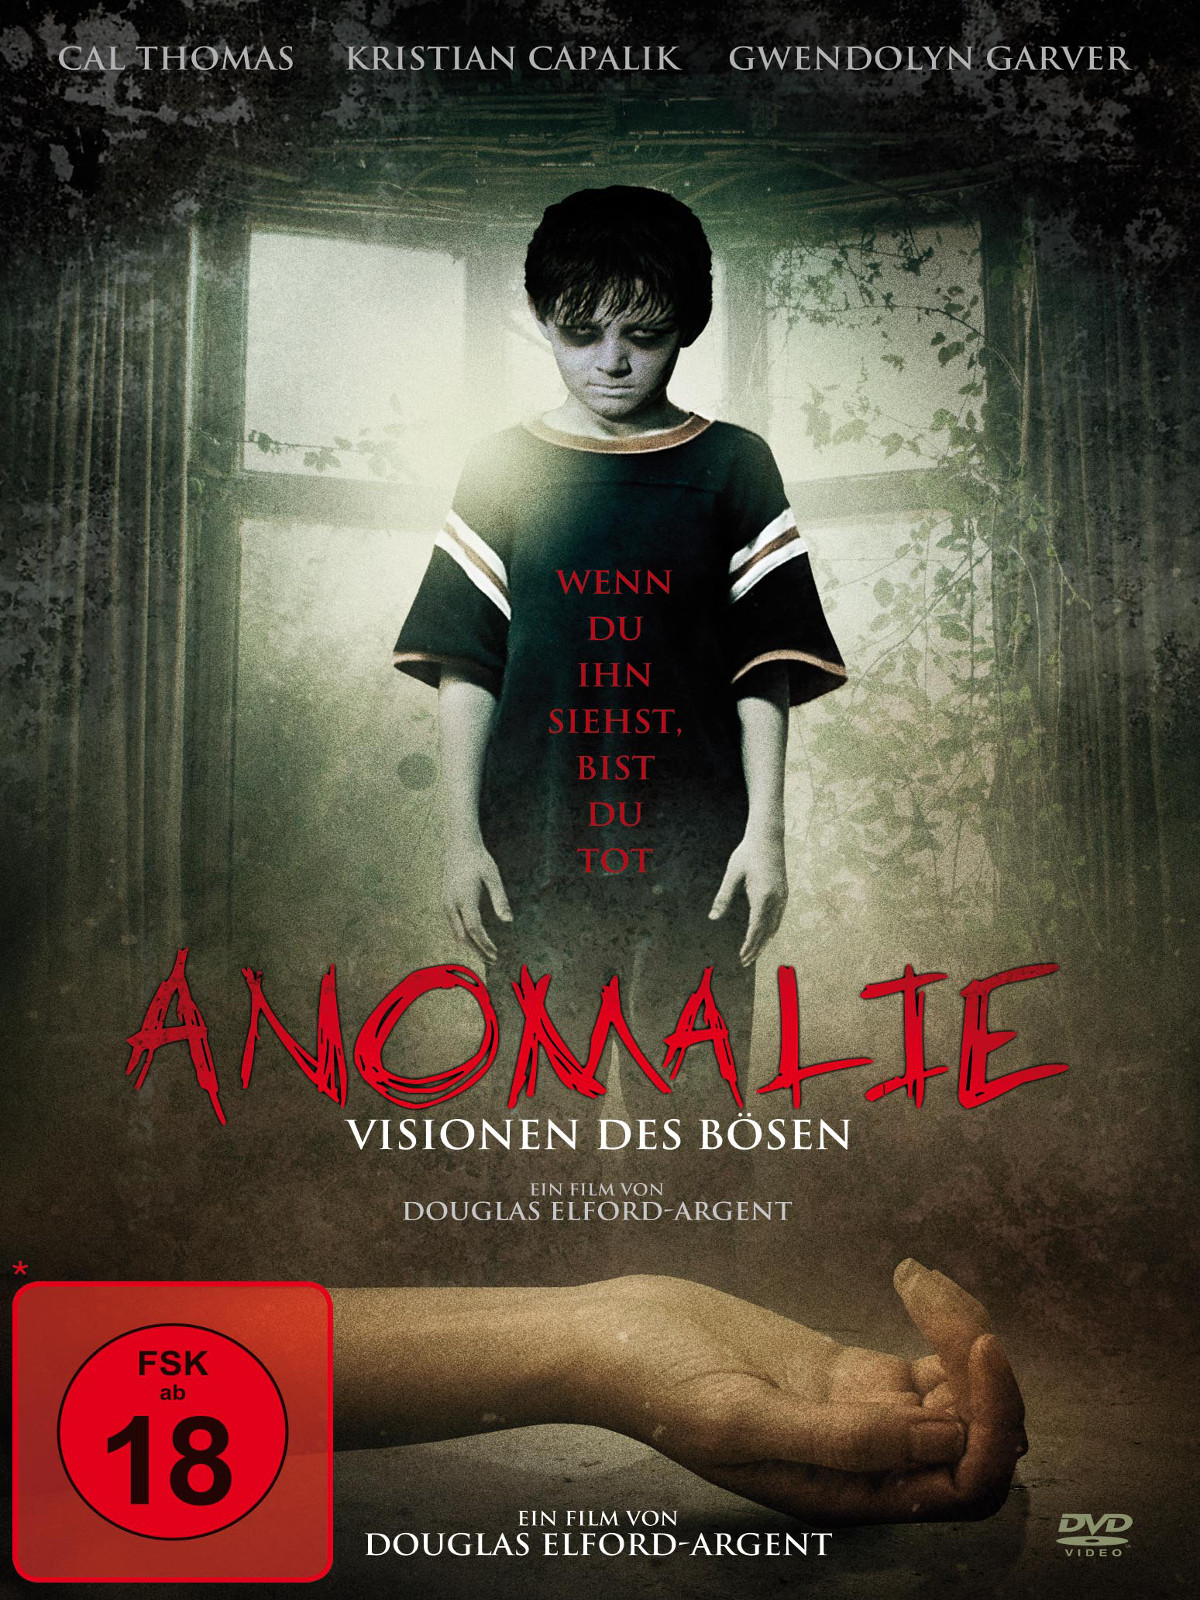 Anomalie - Visionen des Bösen - Film 2007 - FILMSTARTS.de